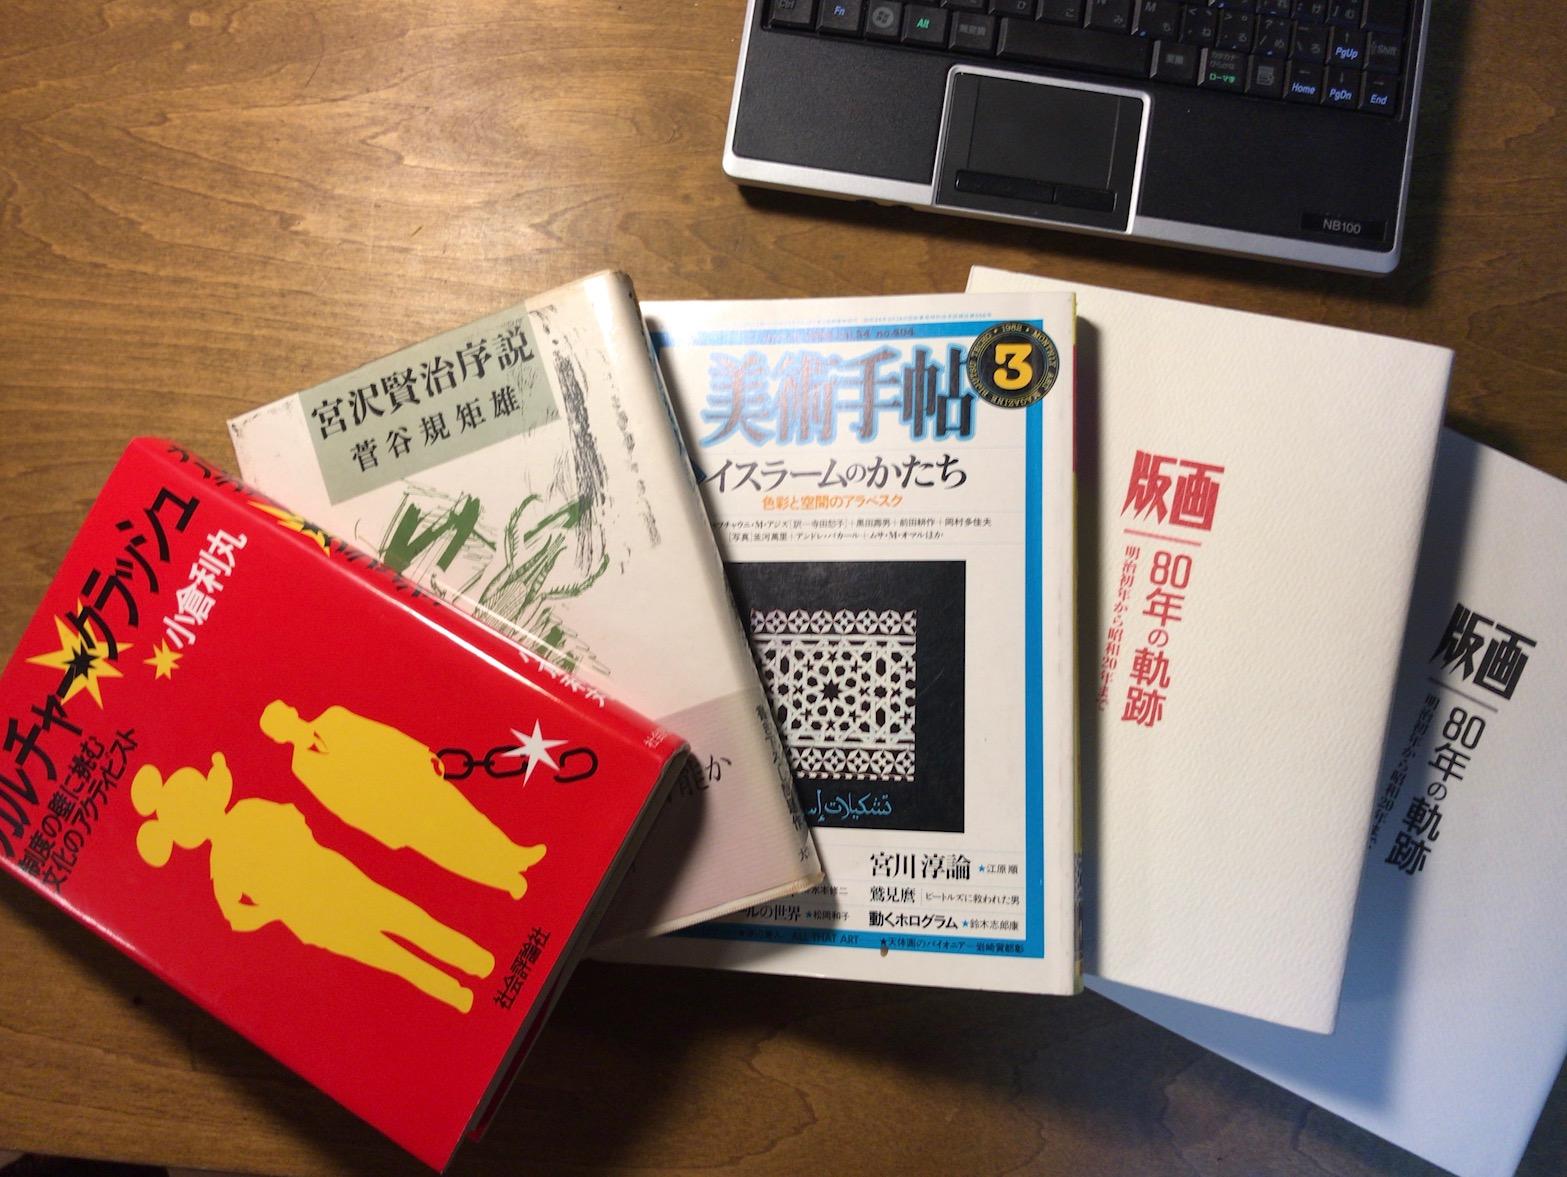 宮沢賢治と限界芸術 – 現実界の砂漠へようこそ